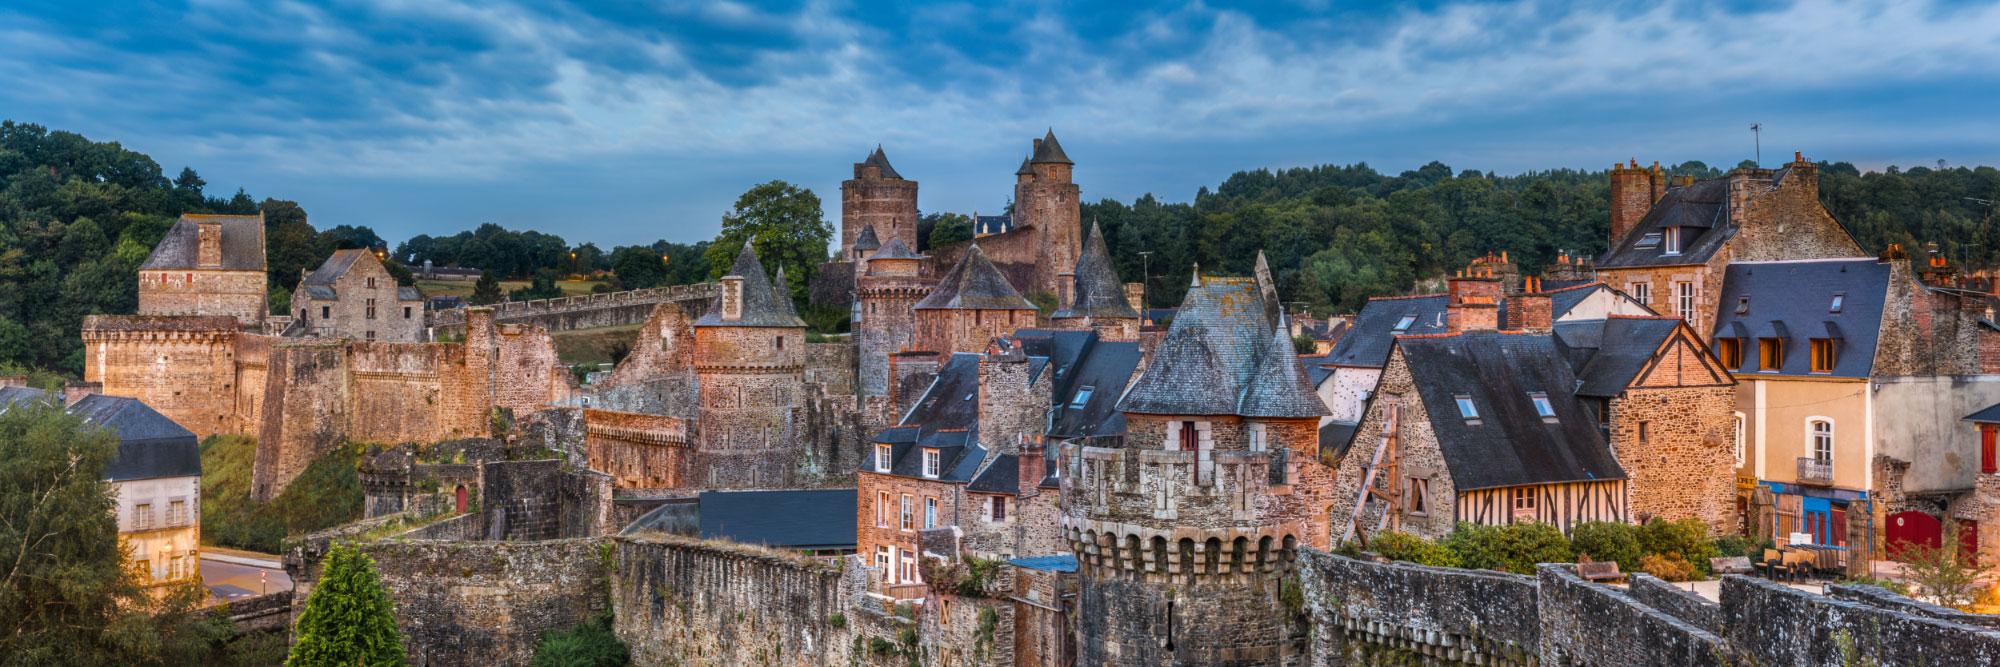 Château de la ville médiévale de Fougères